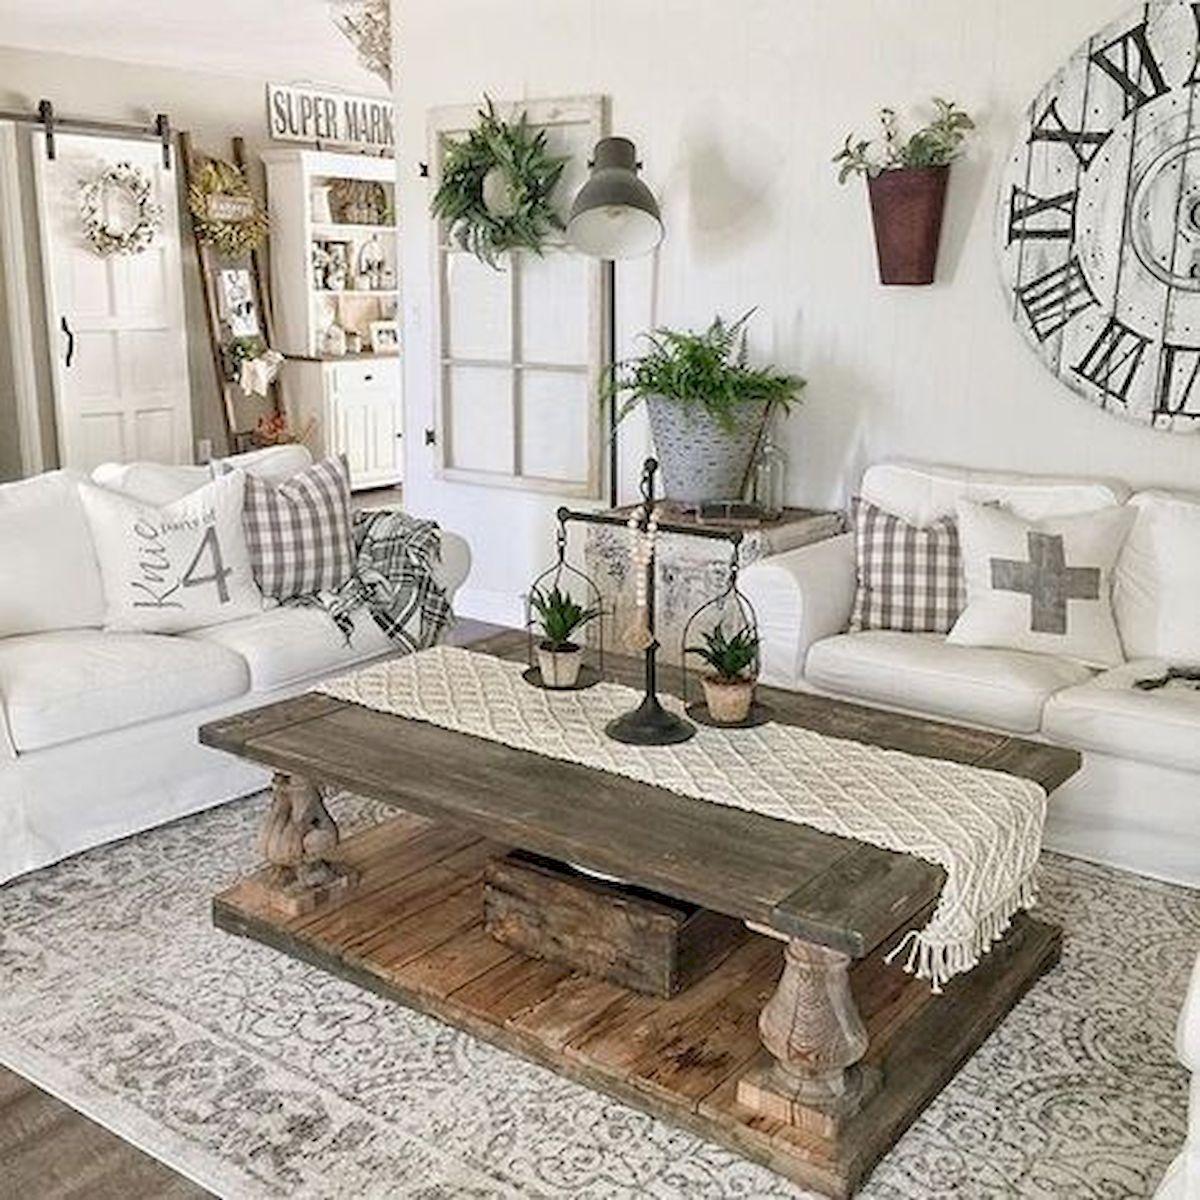 50 Cozy Farmhouse Living Room Design and Decor Ideas (1)